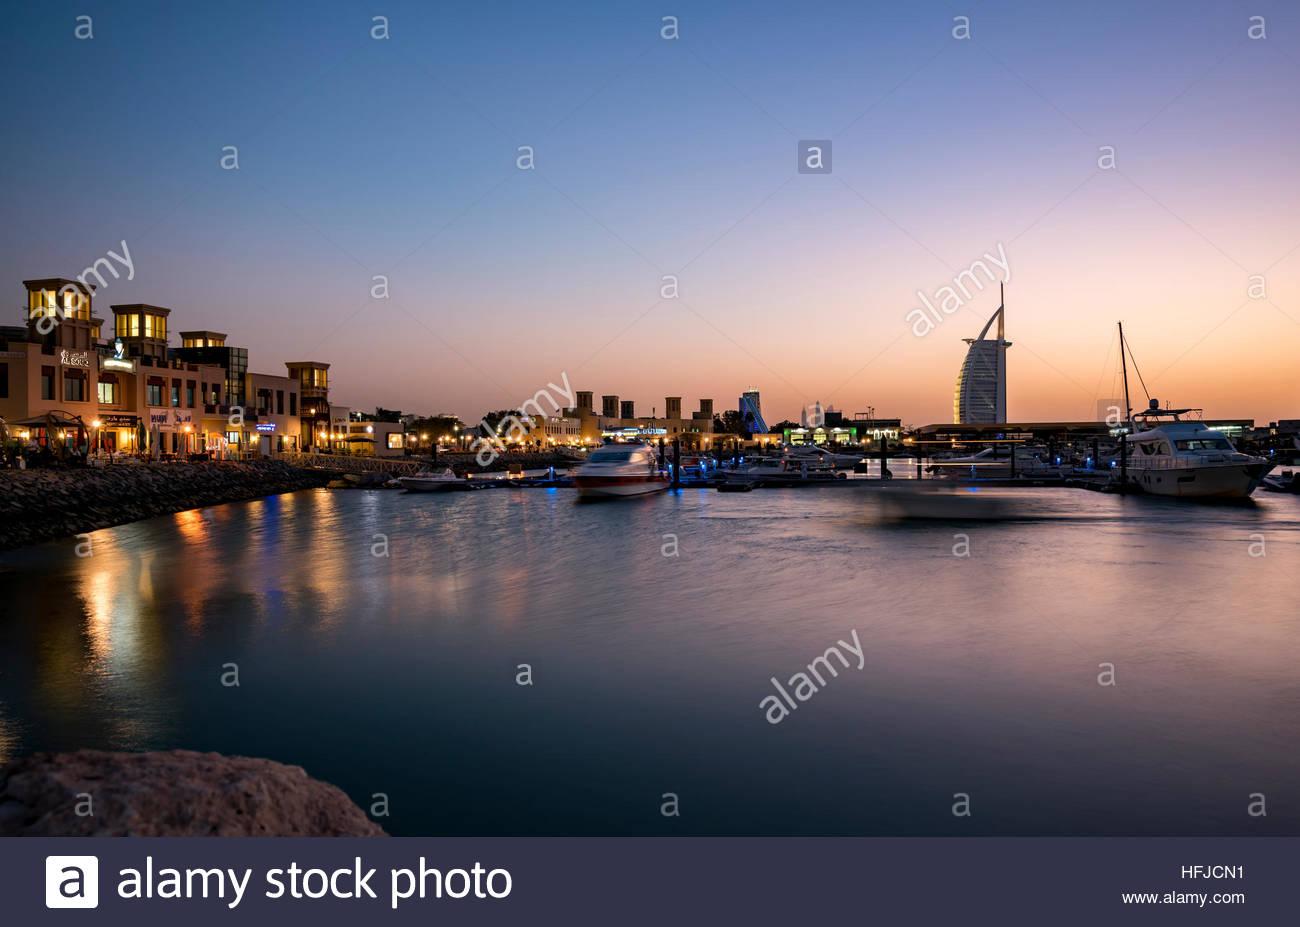 """Blick auf """"Al Souk"""", Fischereihafen, Dubai. Aufnahme während eines Sonnenuntergangs mit klaren Himmel Stockbild"""